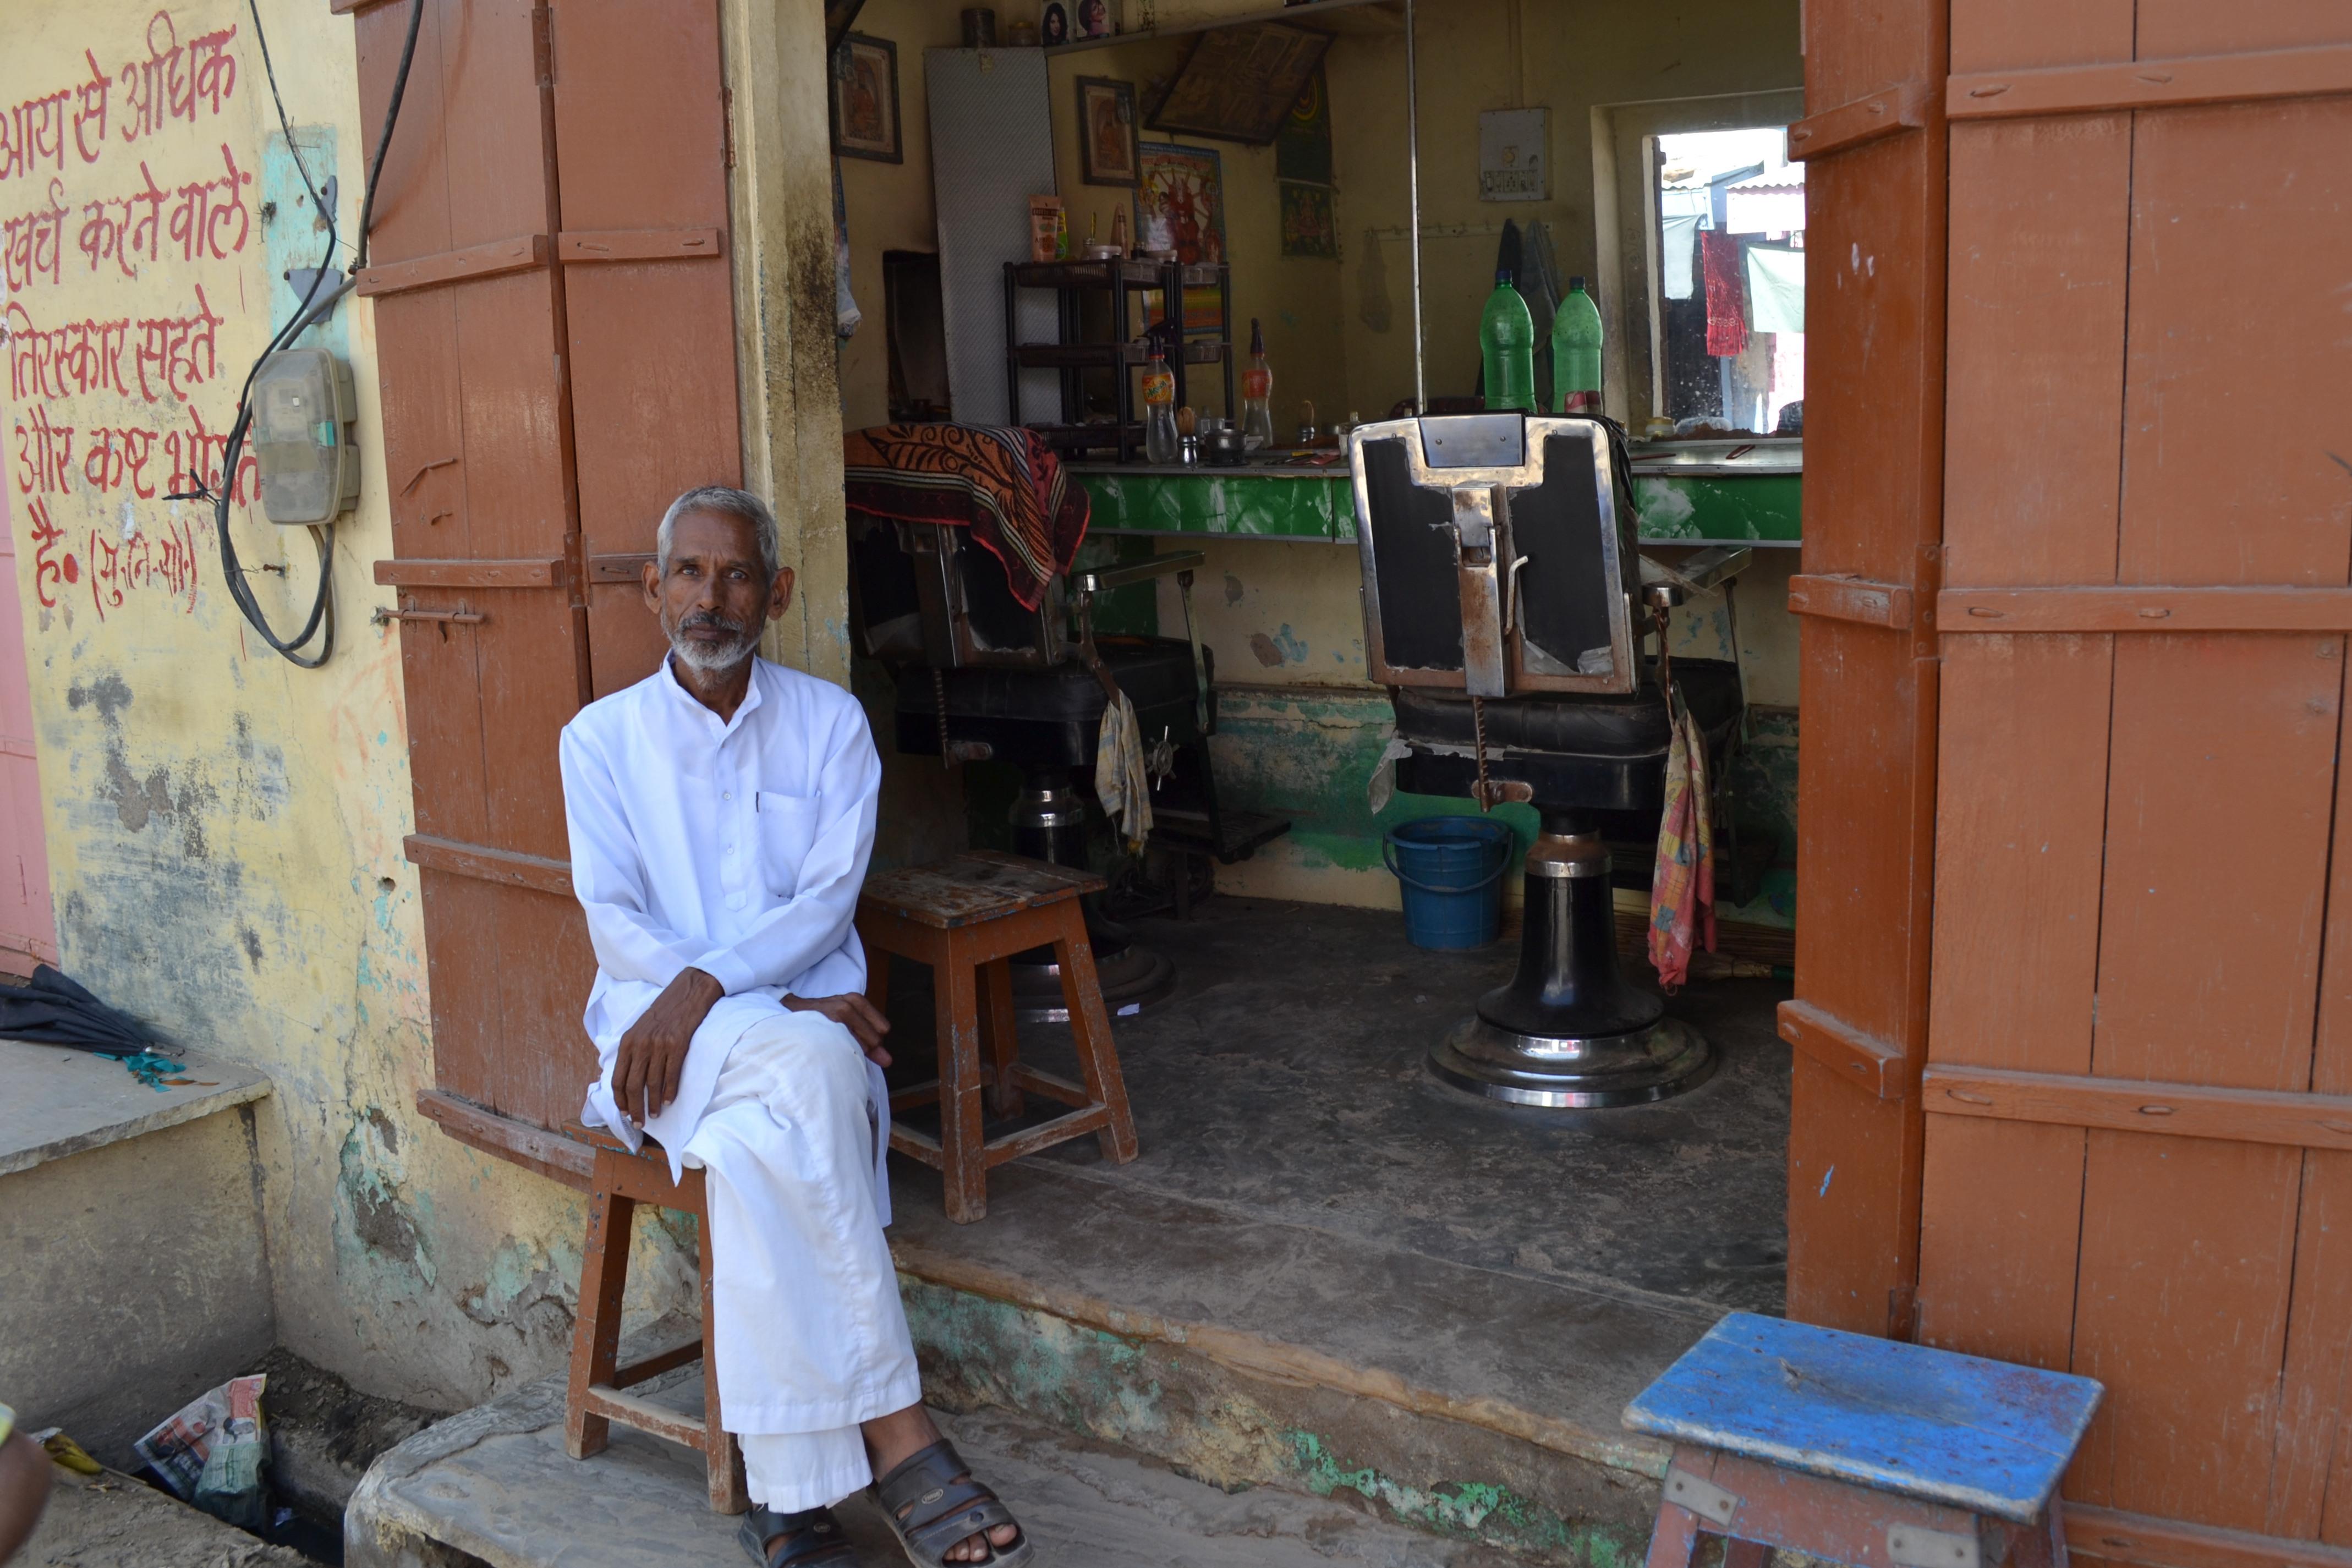 Il barbiere indiano